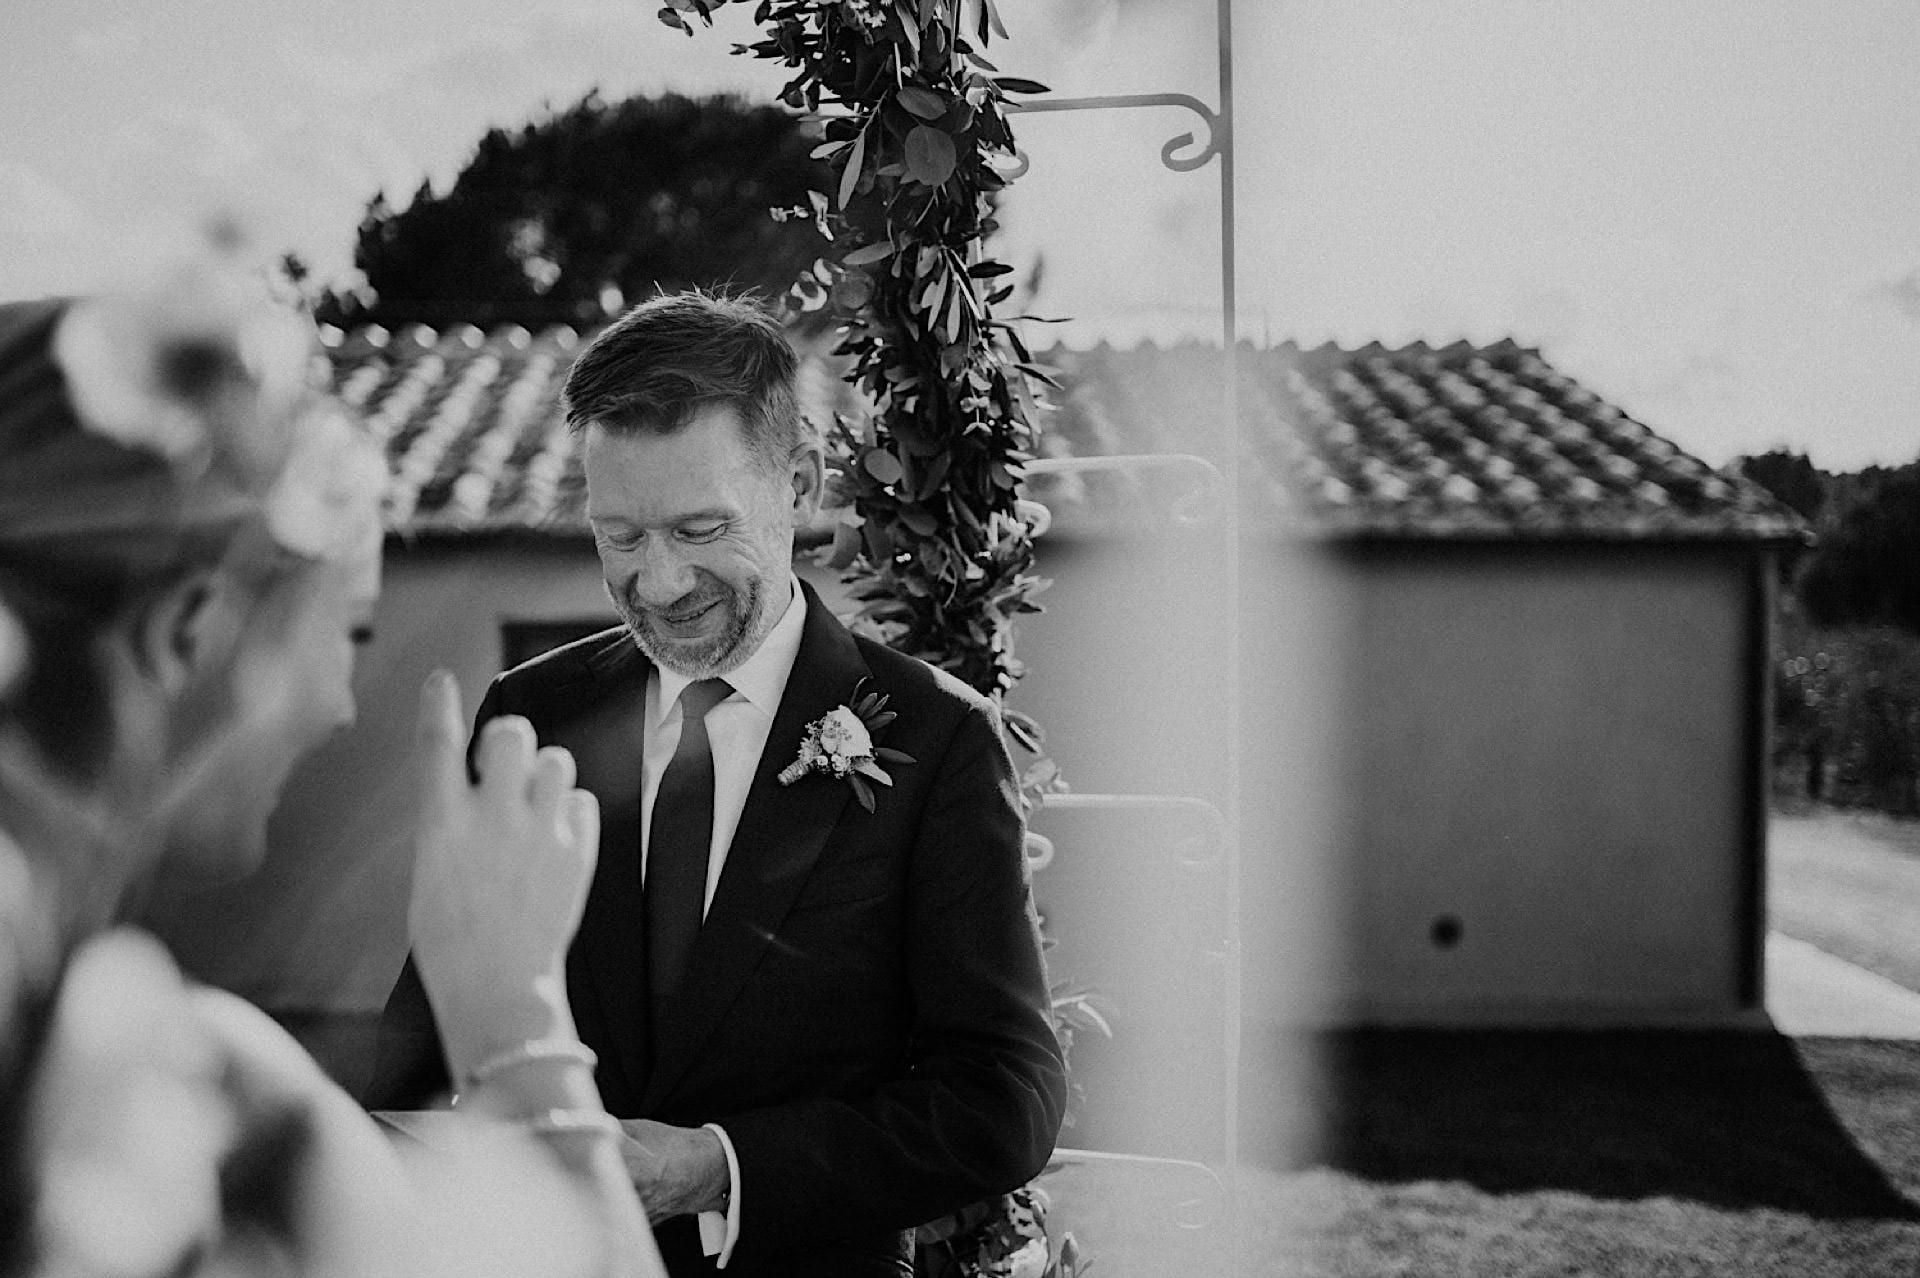 Wedding at Borgo de Brandi - Monteriggioni, Wedding at Borgo de Brandi – Monteriggioni, Federico Pannacci, Federico Pannacci